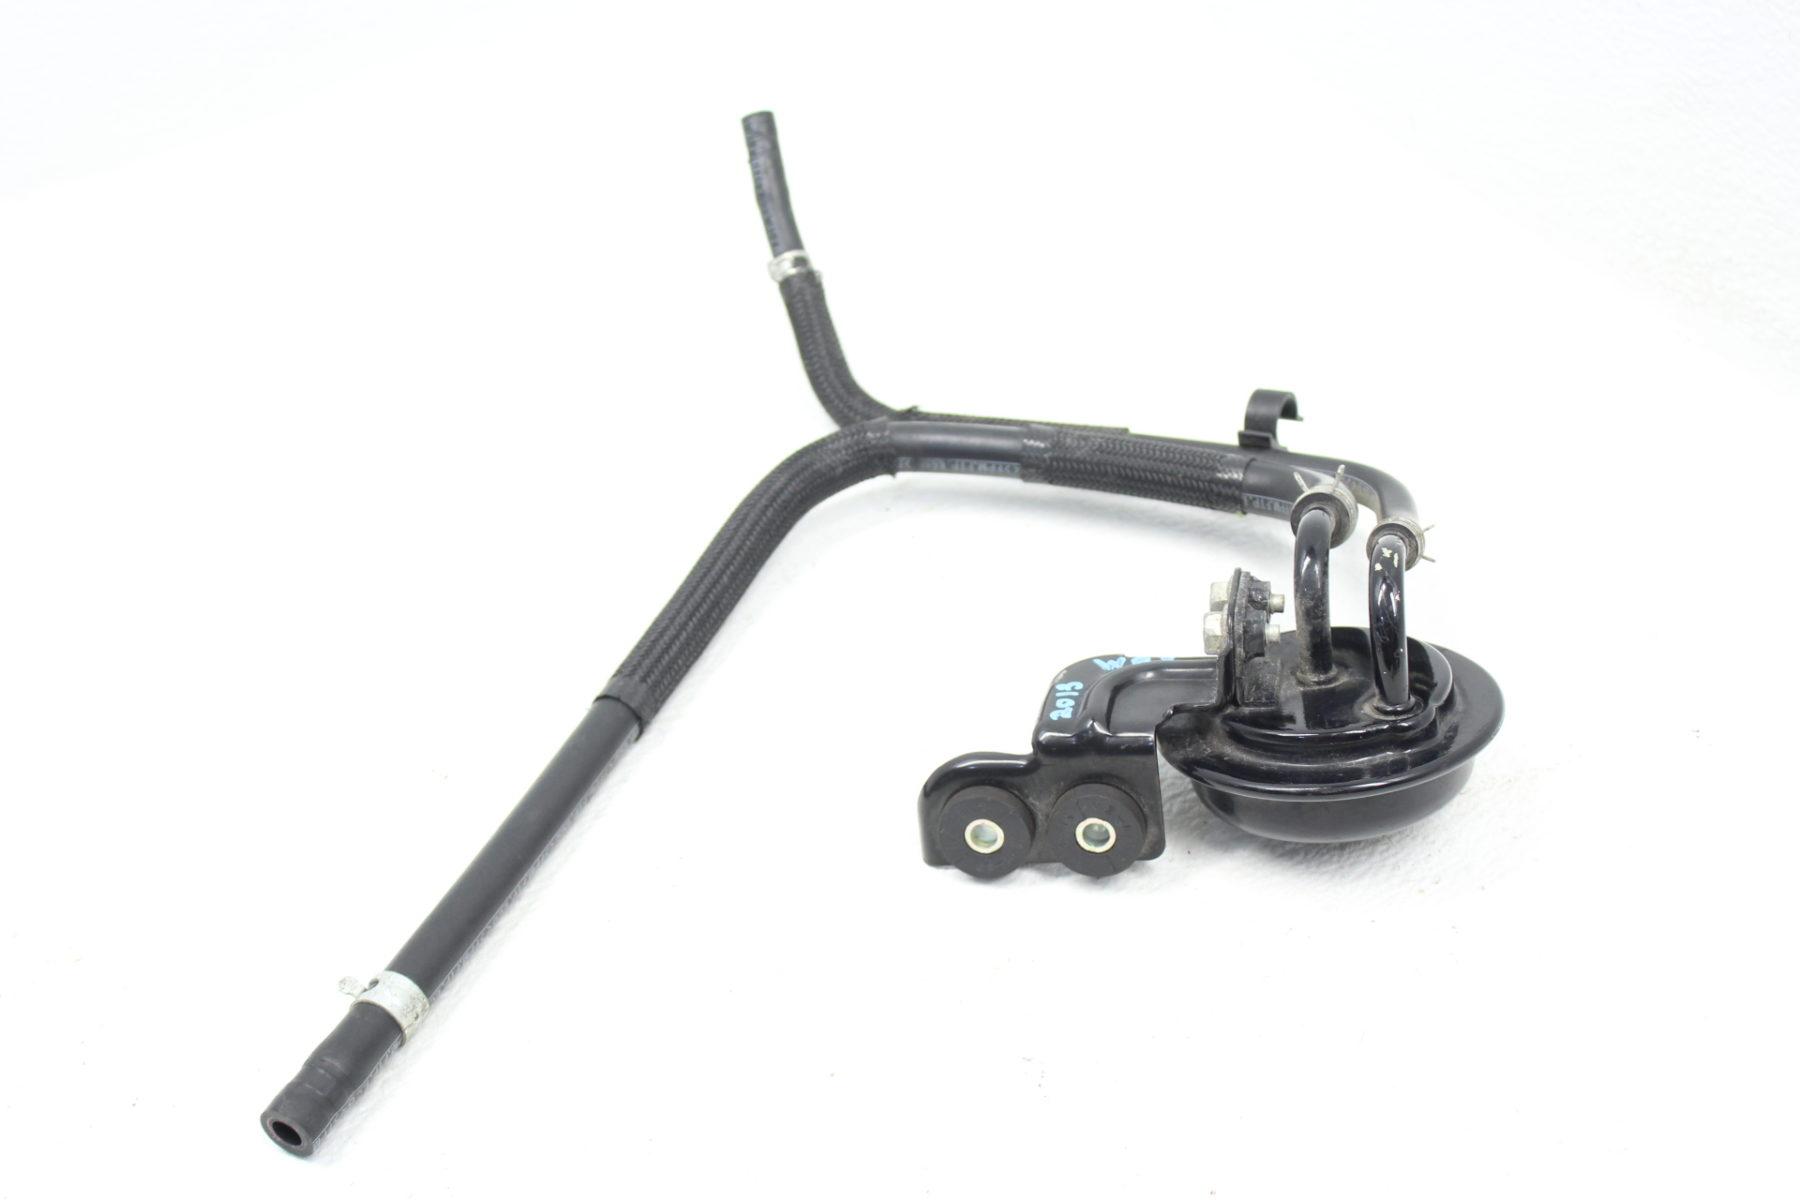 Subaru Impreza Wrx Amp Sti Fuel Pressure Regulator